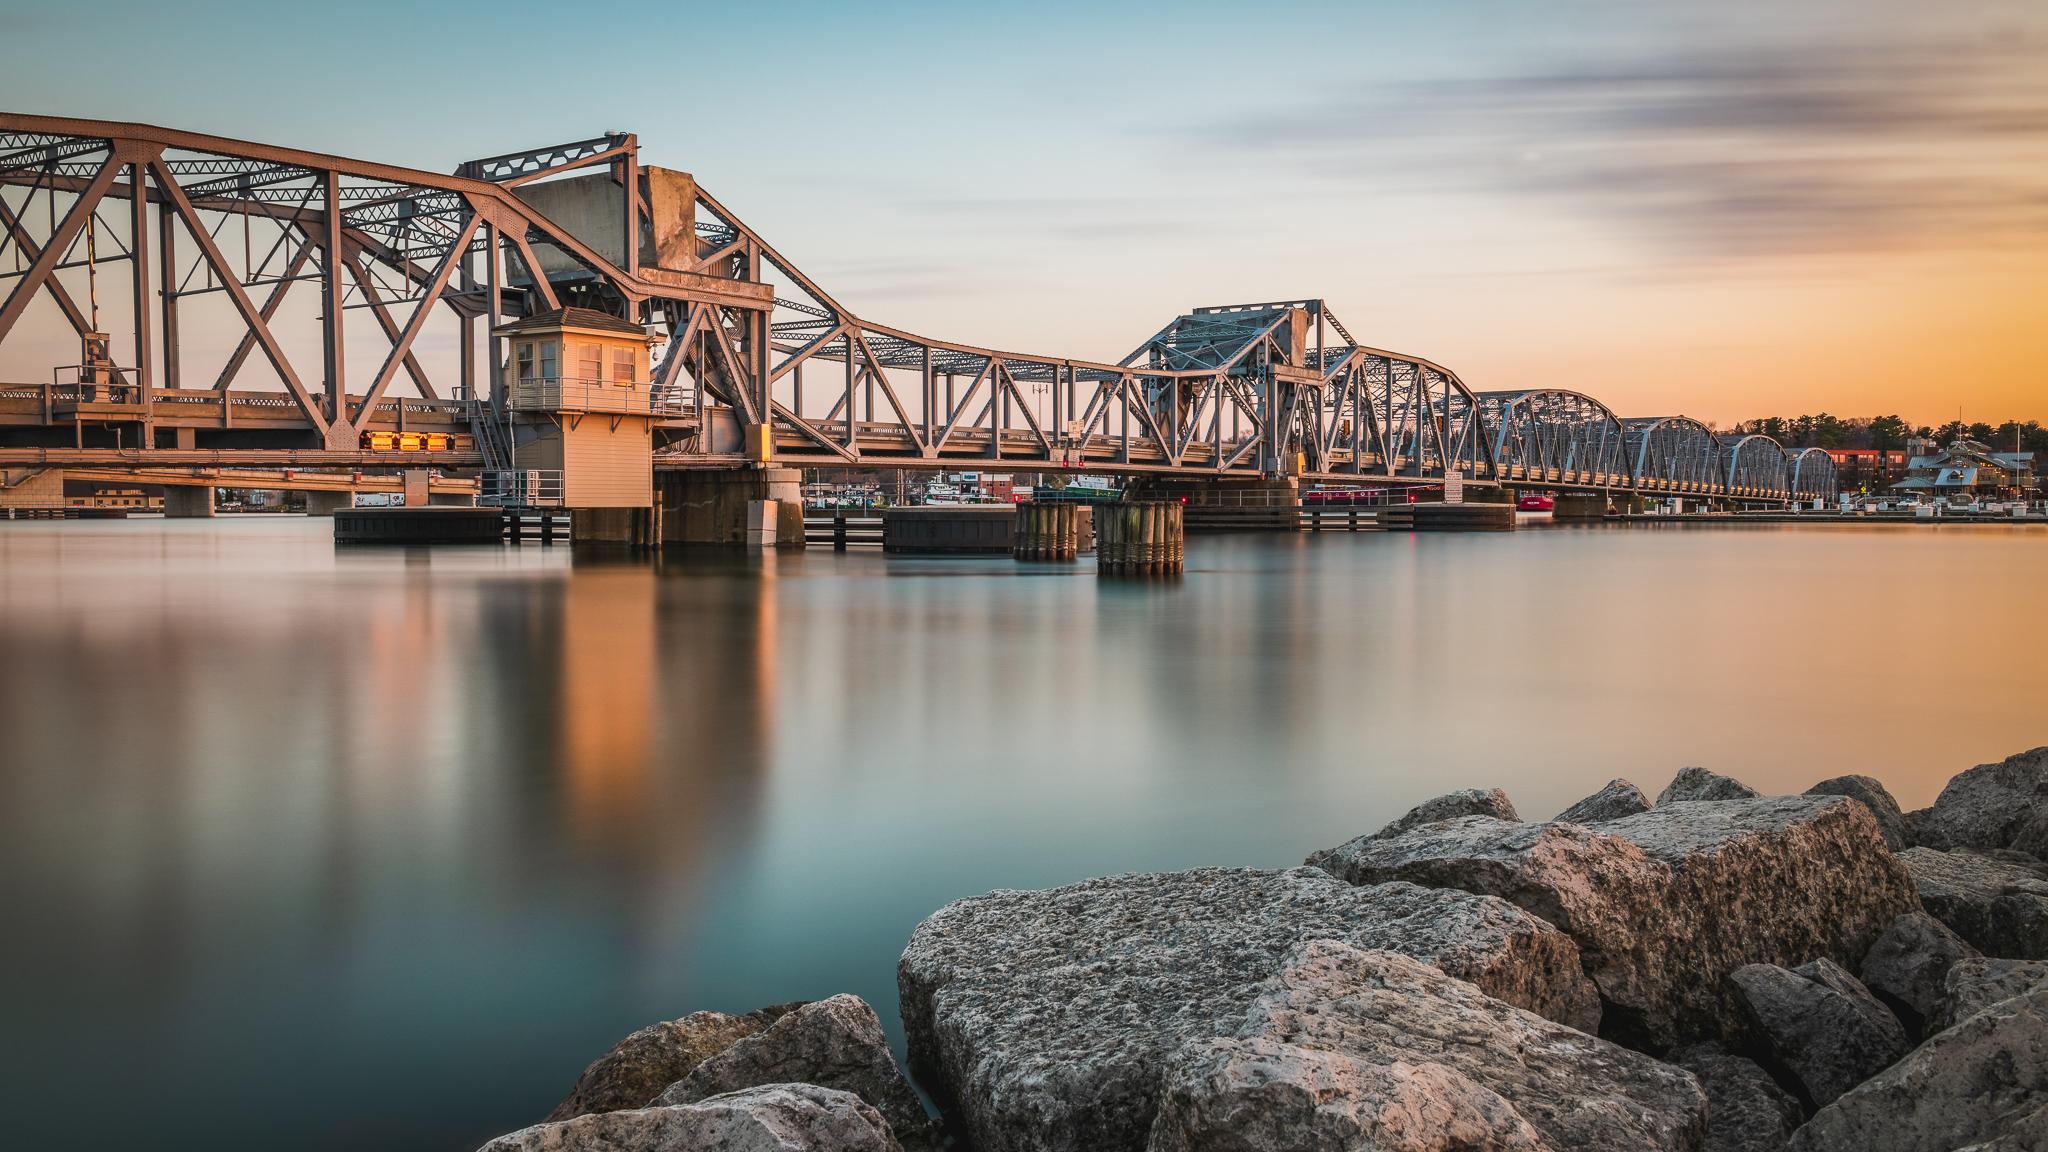 sturgeon bay steel bridge, sturgeon bay, door county, wisconsin